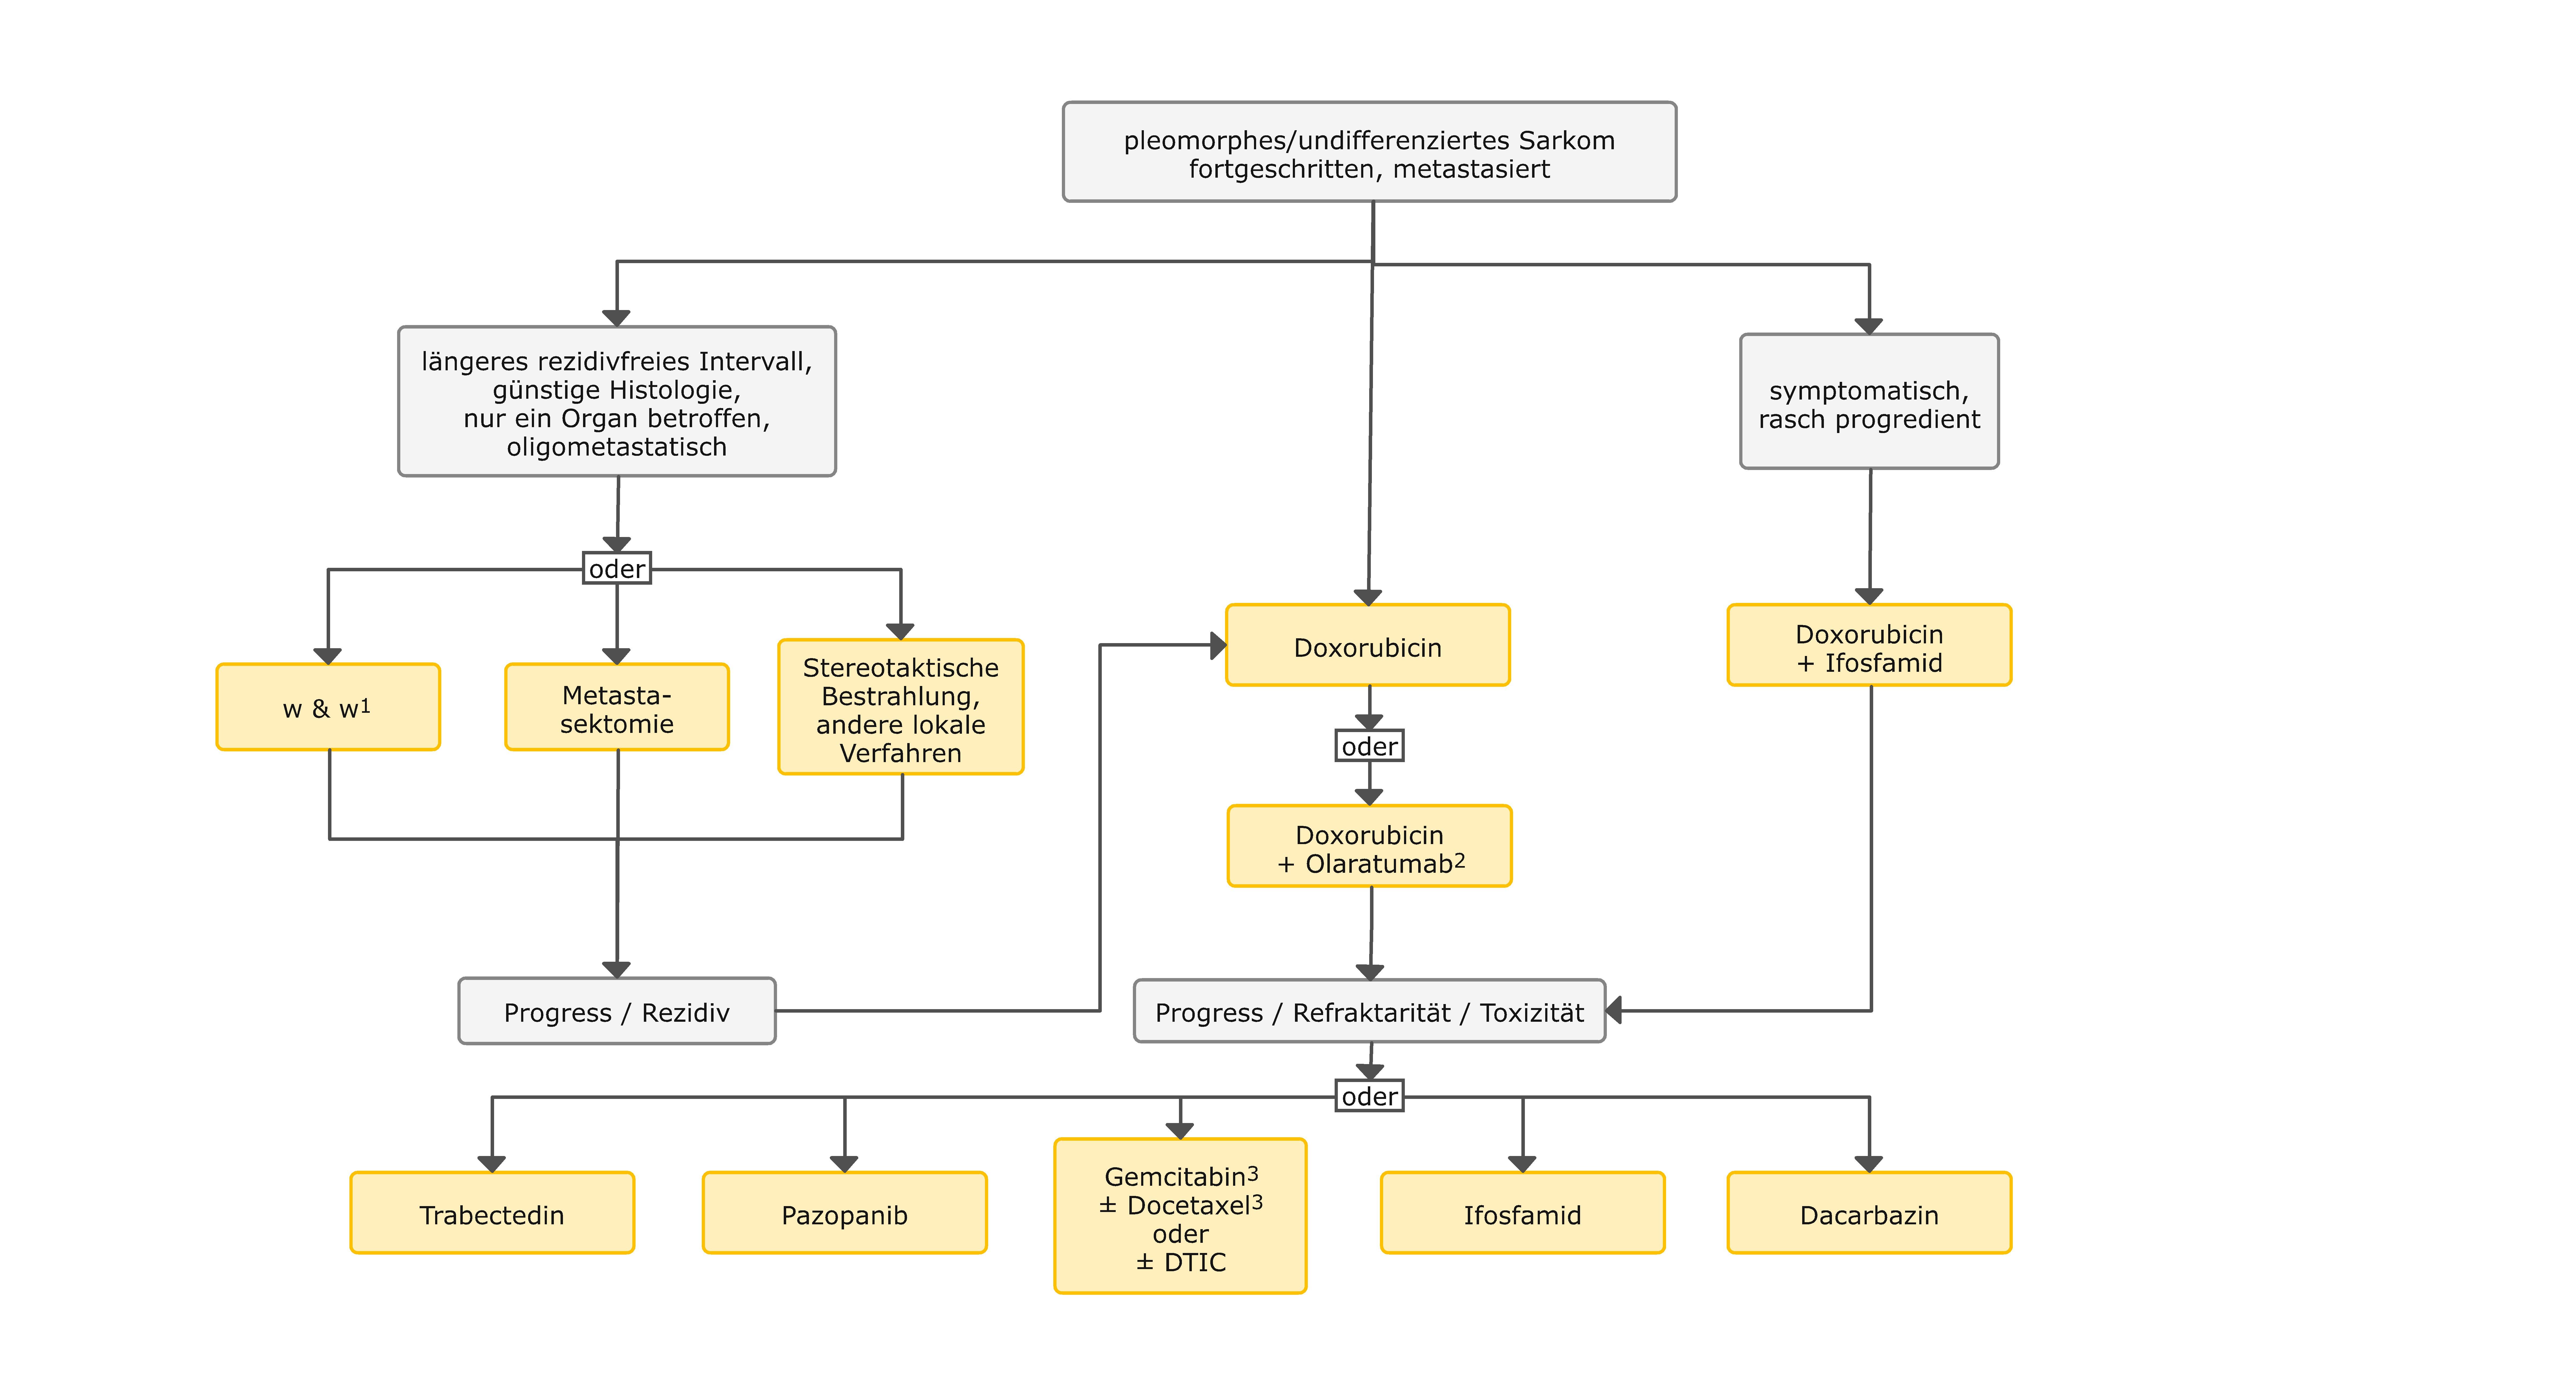 Therapiealgorithmus beim fortgeschrittenen pleomorphen / undifferenzierten Sarkom